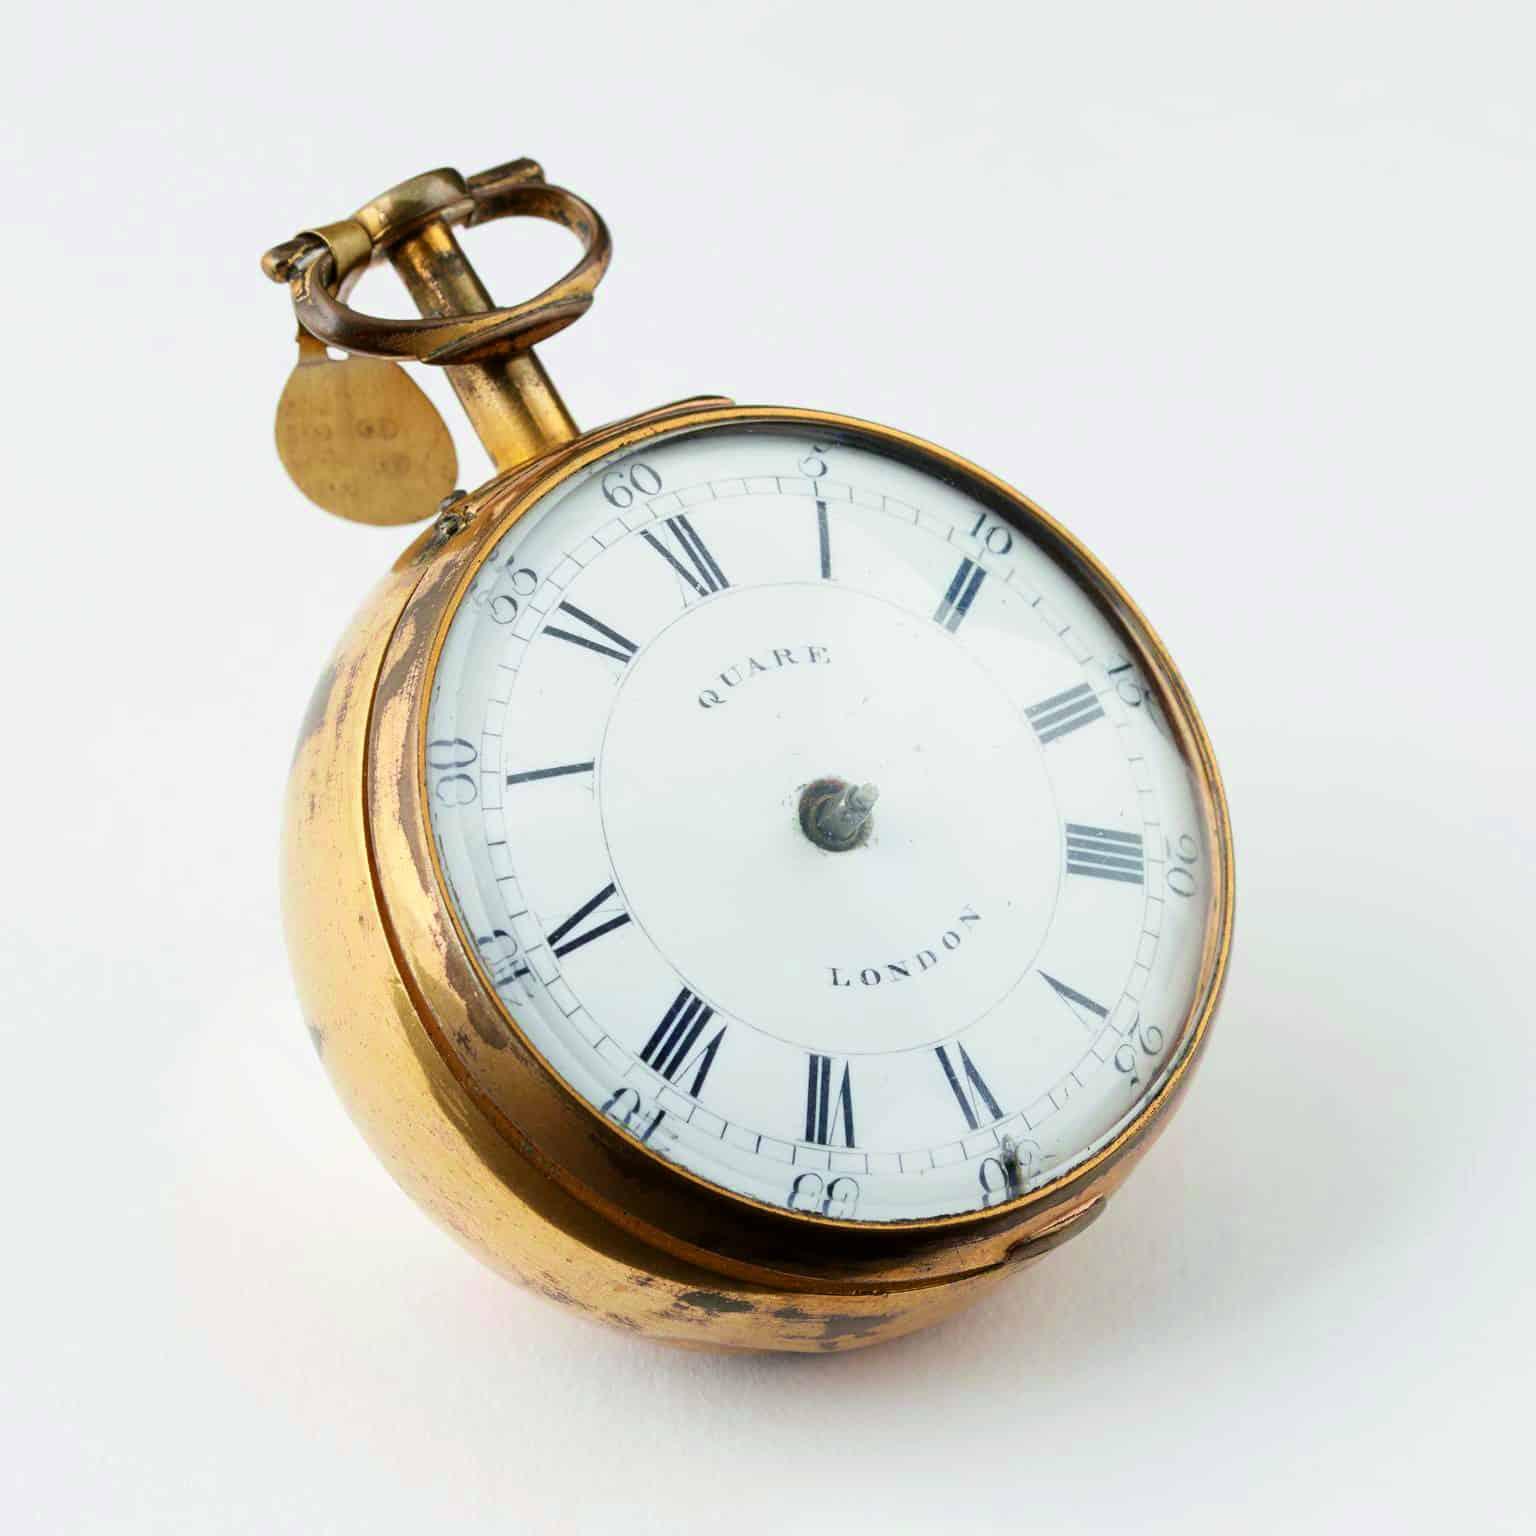 Daniel Quare Repetitions-Taschenuhr aus dem Jahre 1710